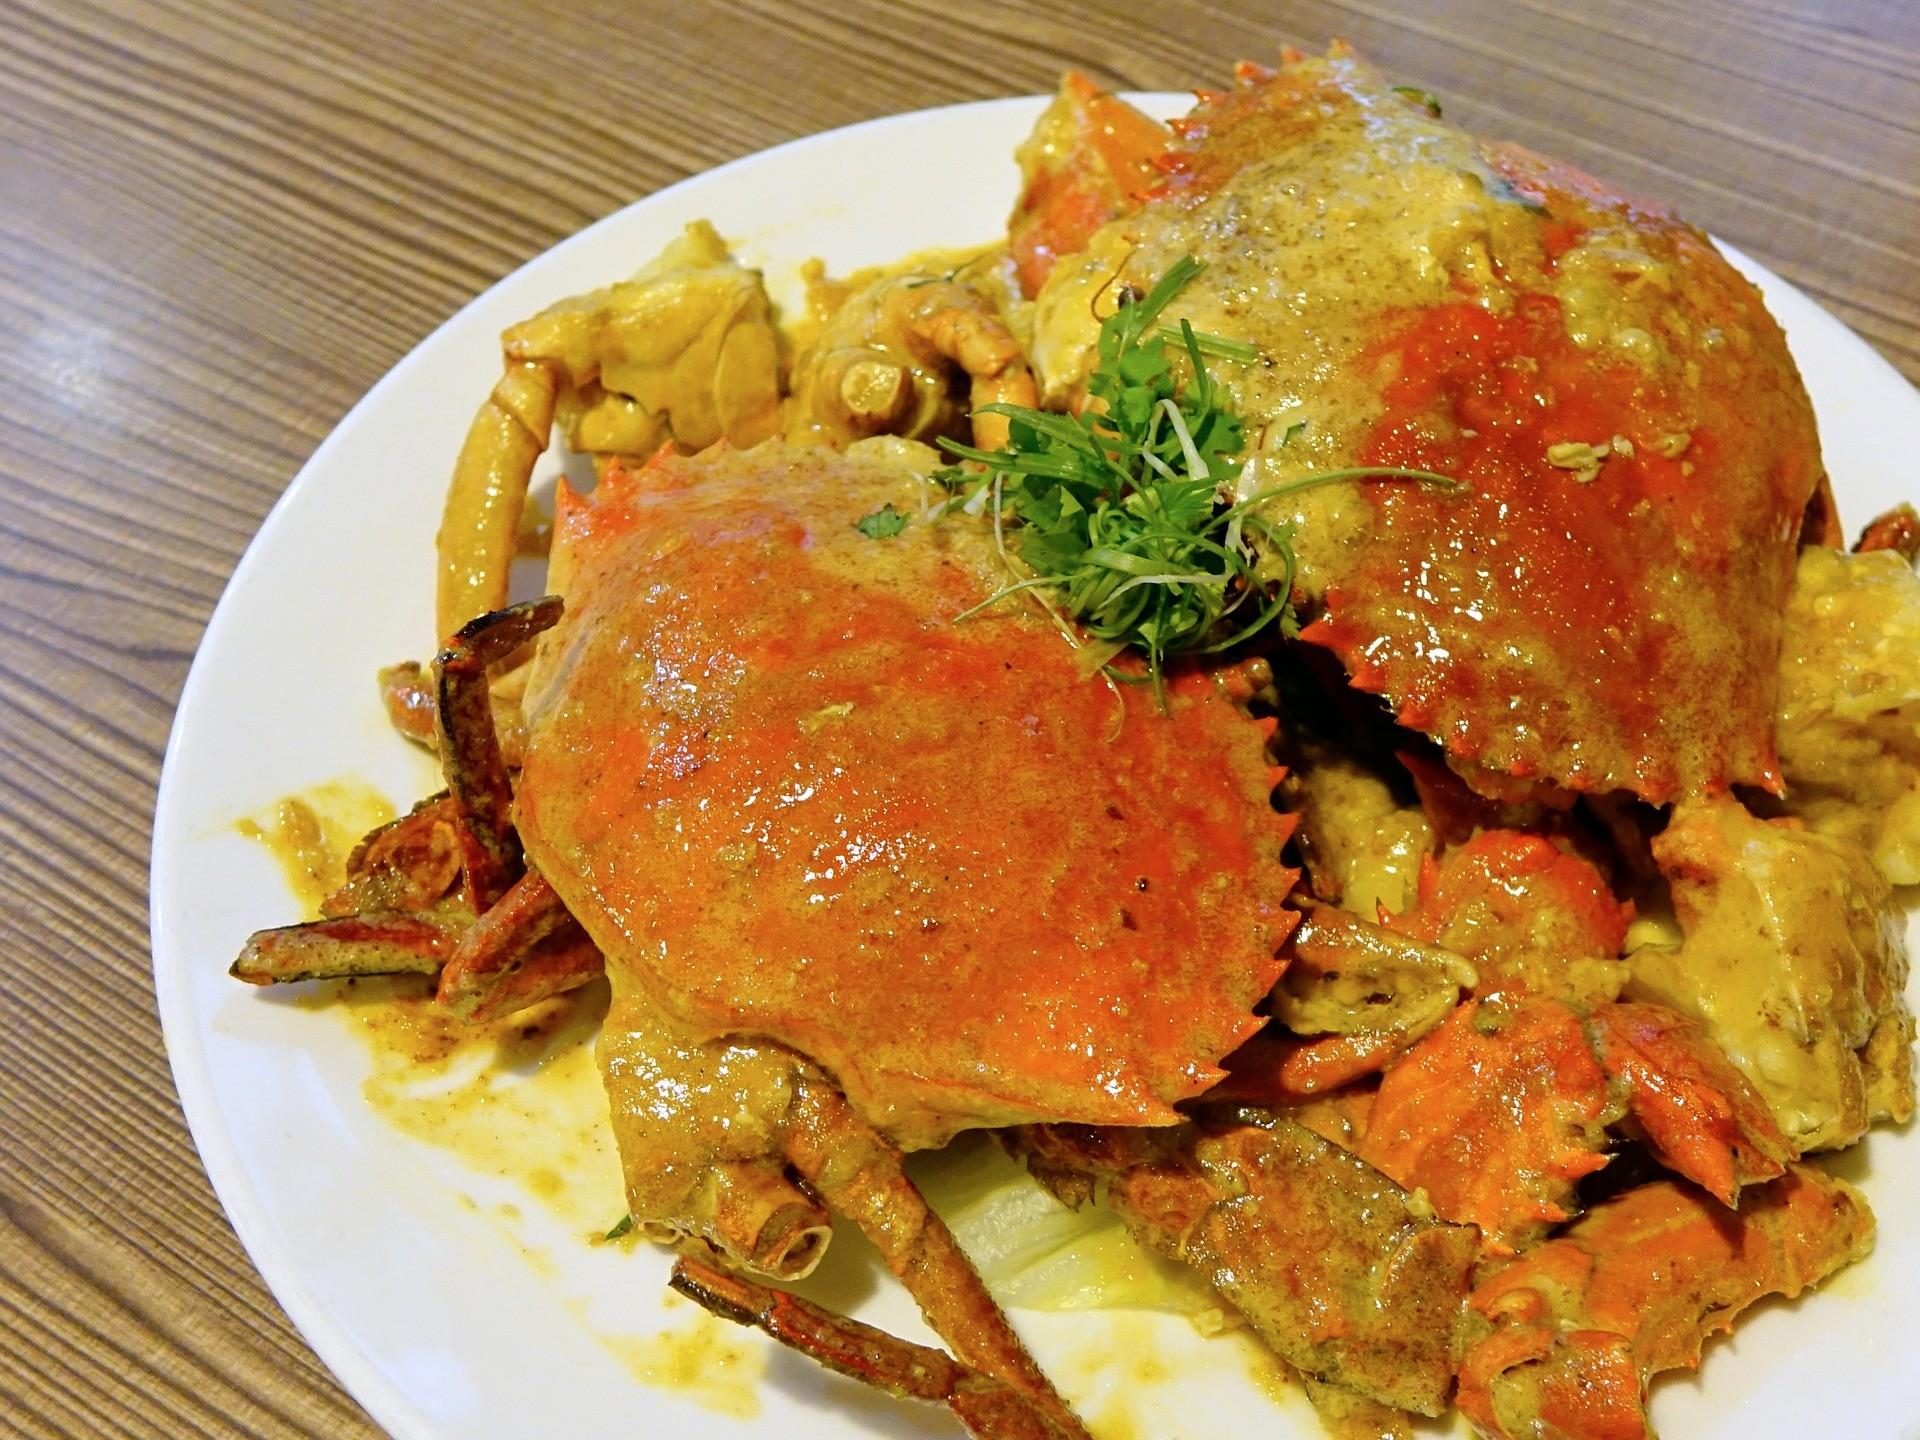 ▲螃蟹,螃蟹料理 。(圖/取自免費圖庫Pixabay)